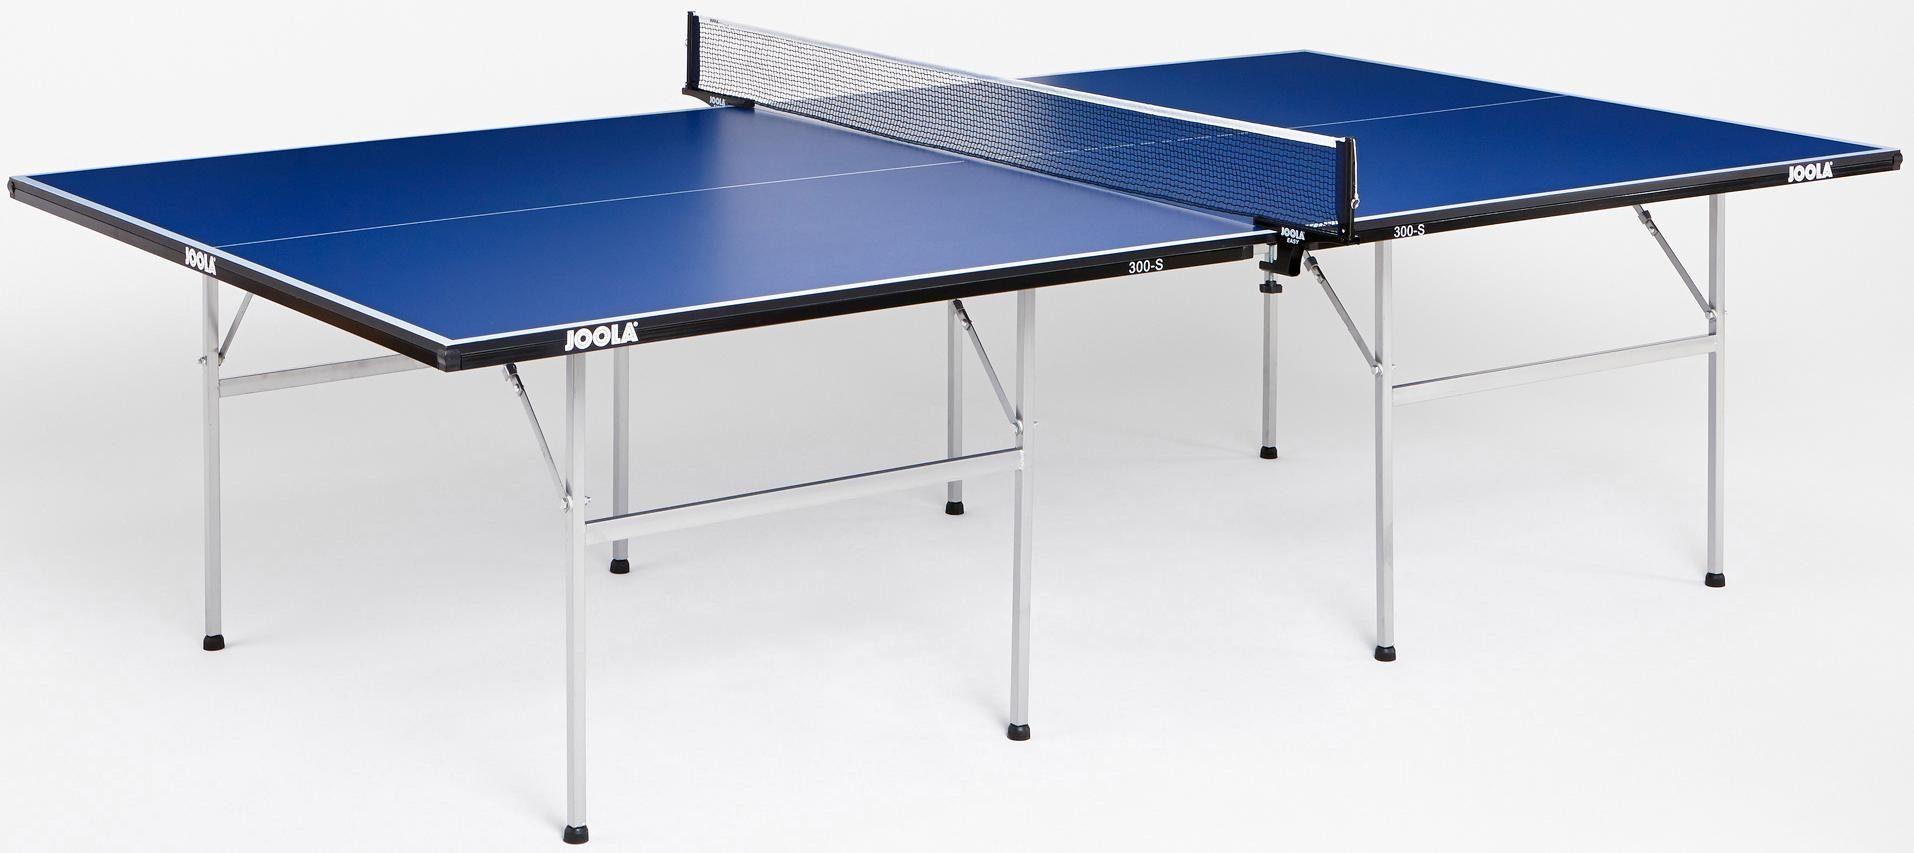 Joola Tischtennisplatte JOOLA Indoor Tischtennisplatte 300-S Technik & Freizeit/Sport & Freizeit/Sportarten/Tischtennis/Tischtennis-Ausrüstung